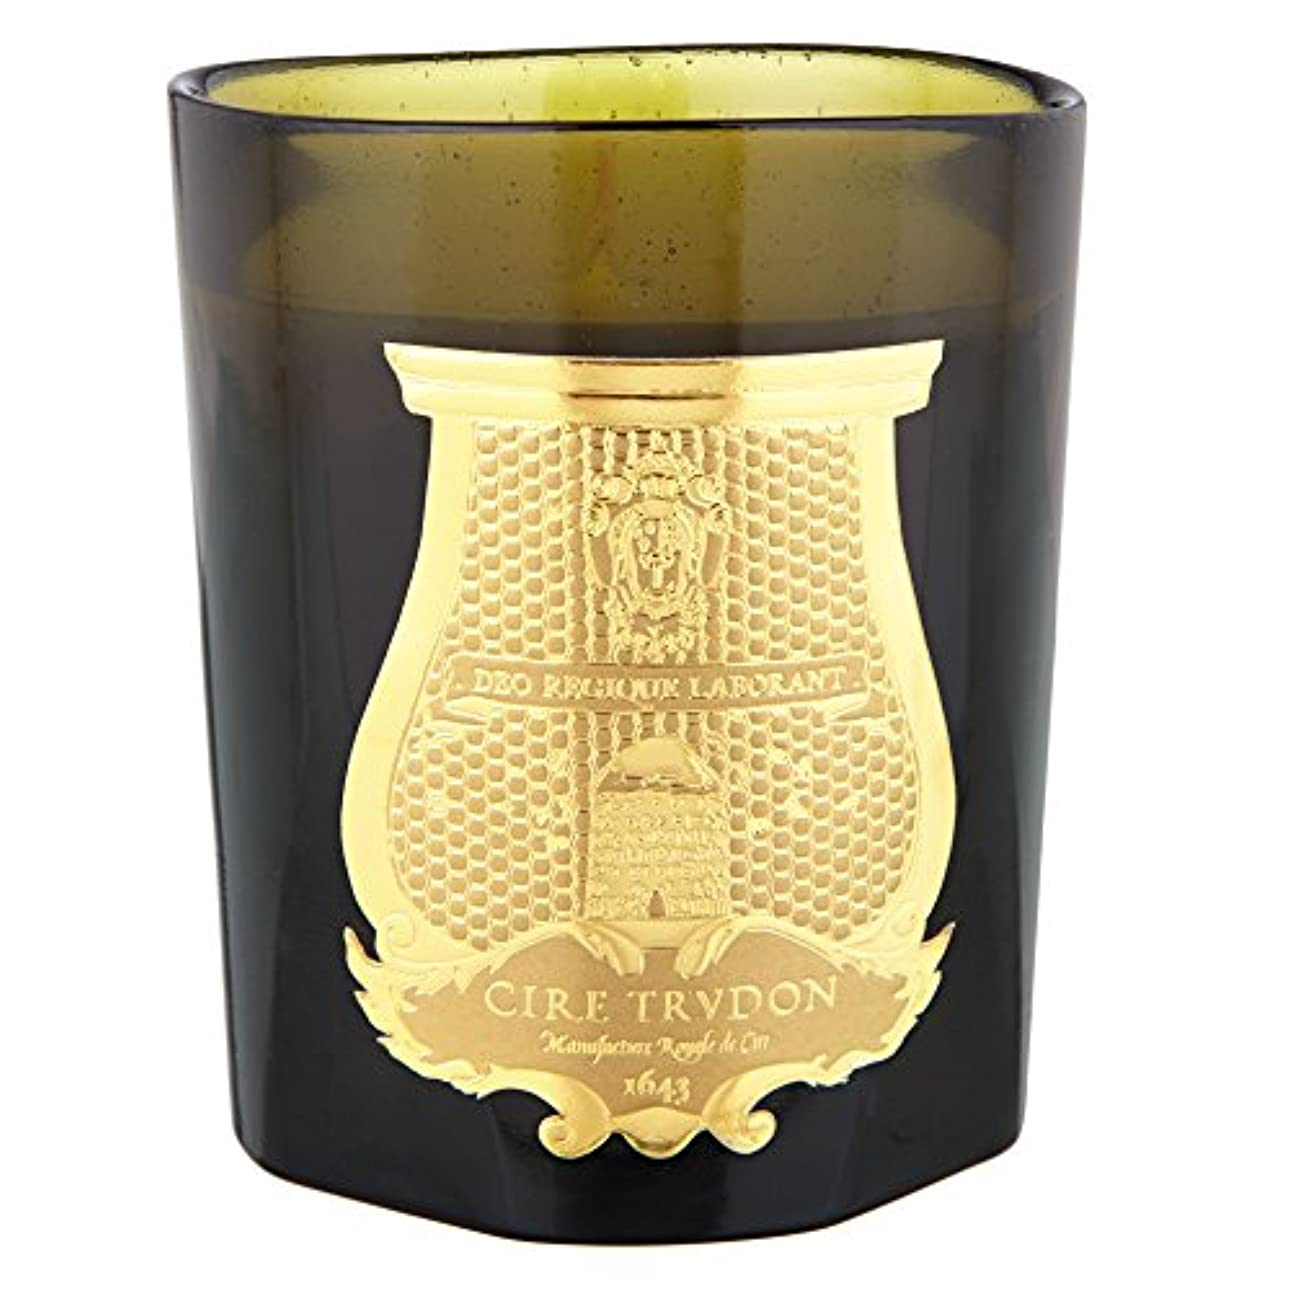 ブリッジ教育学無意味Cire Trudon Proletaire Scented Candle (Pack of 2) - Cire Trudon Proletaire香りのキャンドル (Cire Trudon) (x2) [並行輸入品]